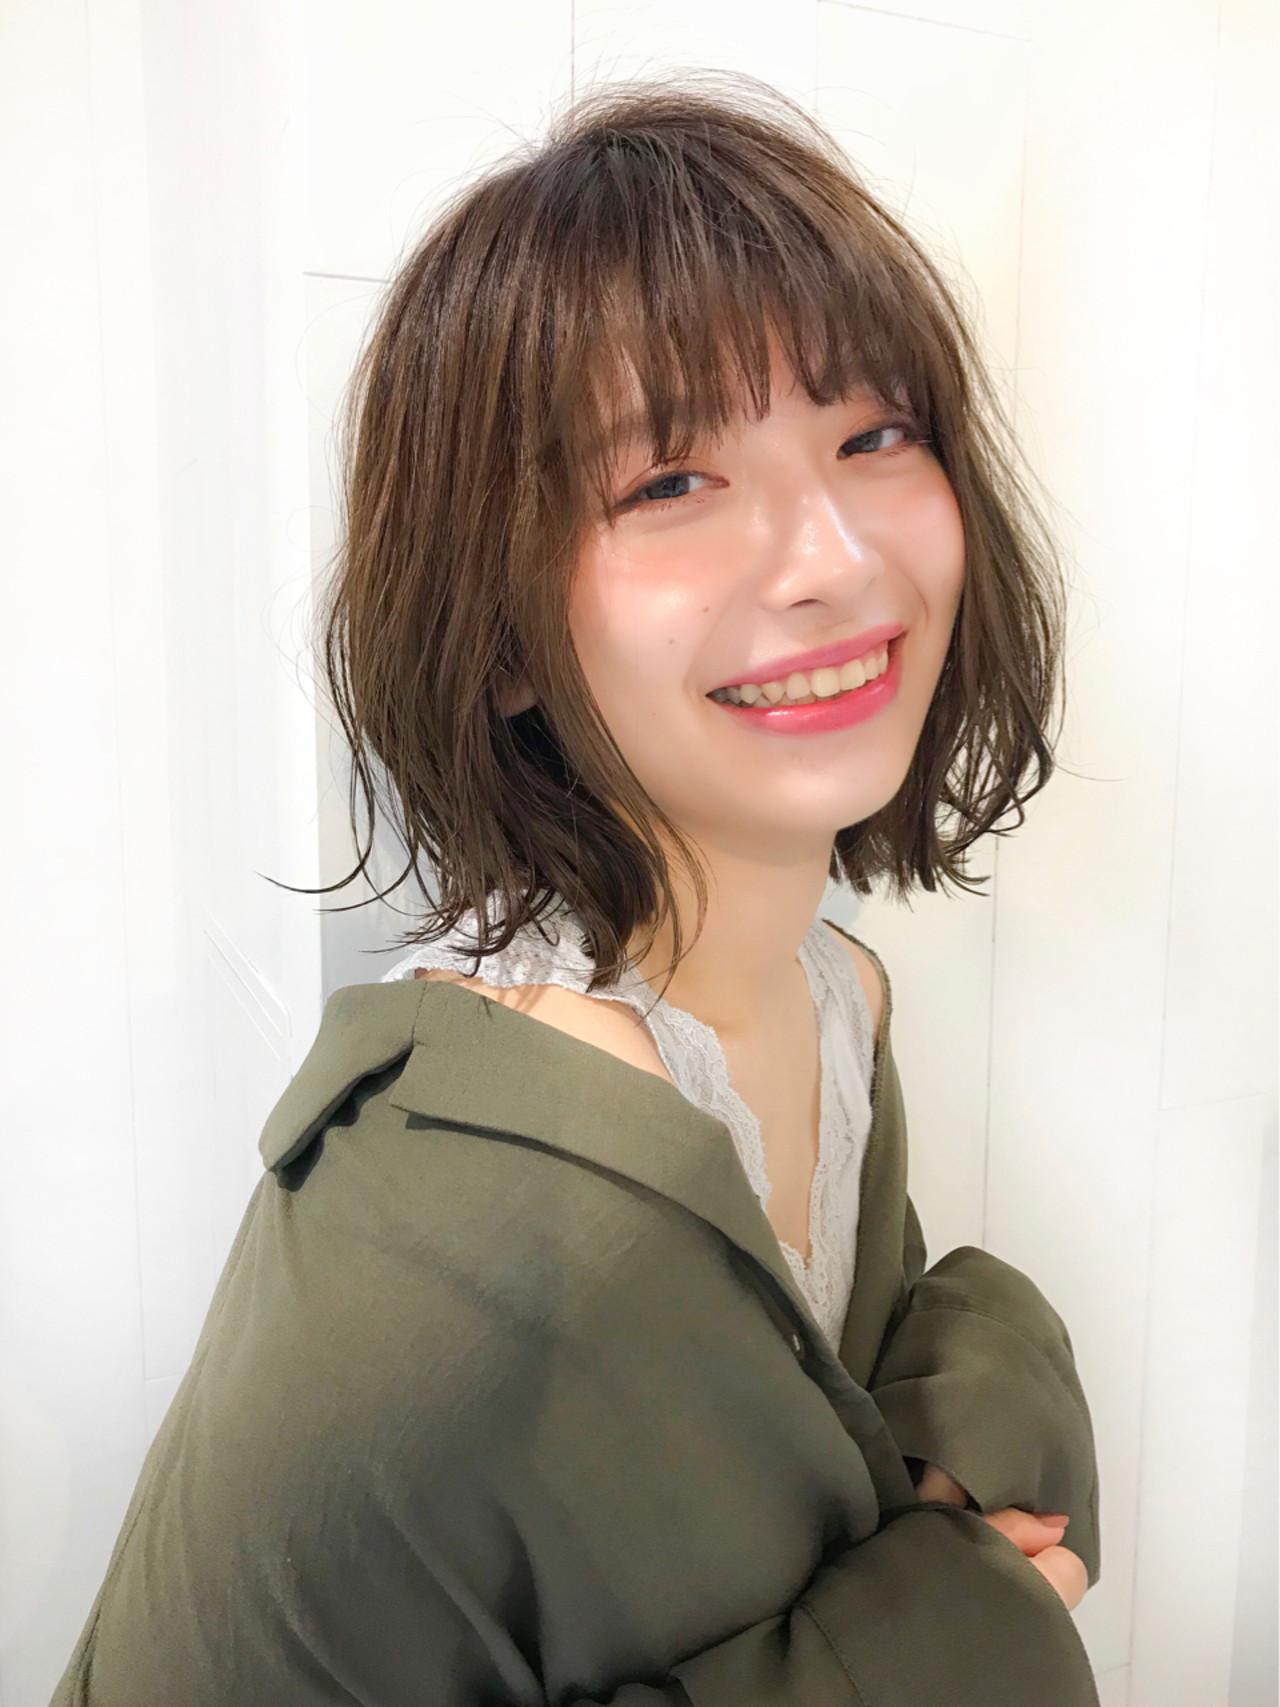 愛されヘアスタイル♡抜けミディアム ミディアムヘアのカリスマ!【星野 達】